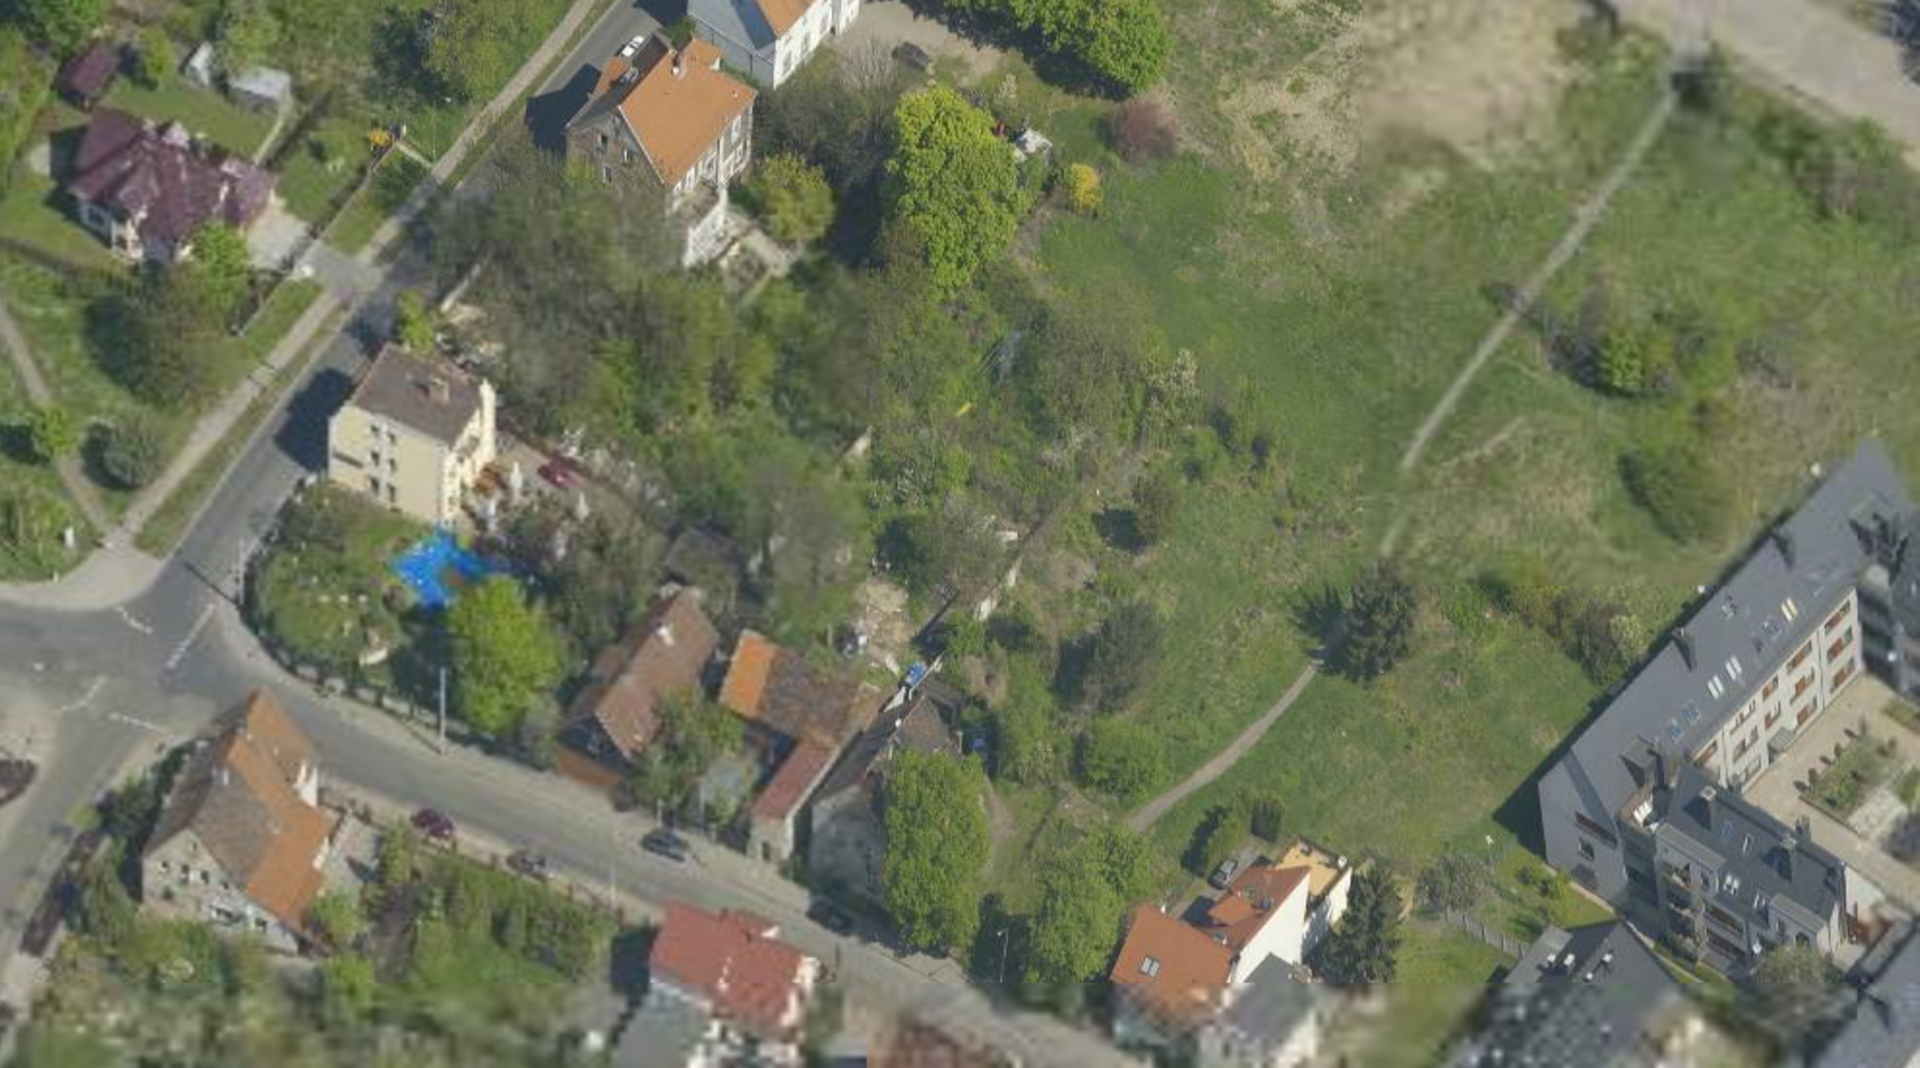 Wrocław: Znikną dom oraz stodoła na Brochowie, a powstaną budynki wielorodzinne